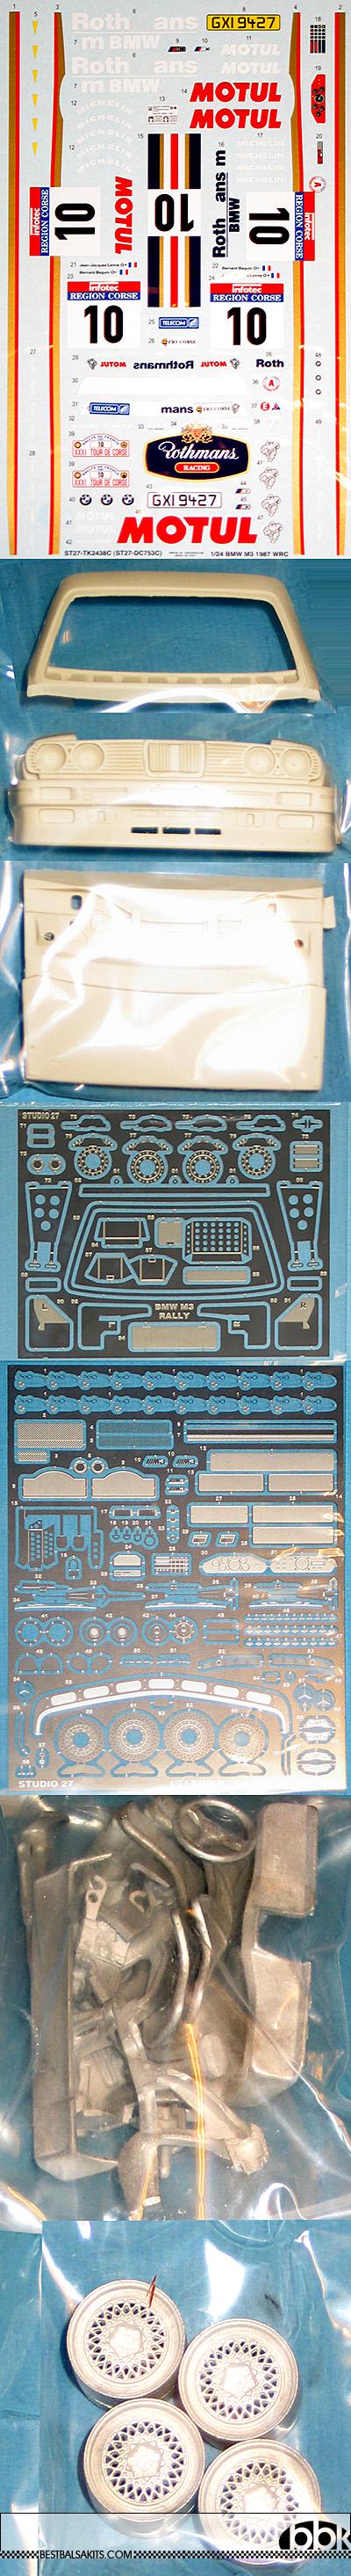 STUDIO 27 1/24 BMW M3 ROTHMANS Gr.A 1987 WRC TOUR DE CORSE